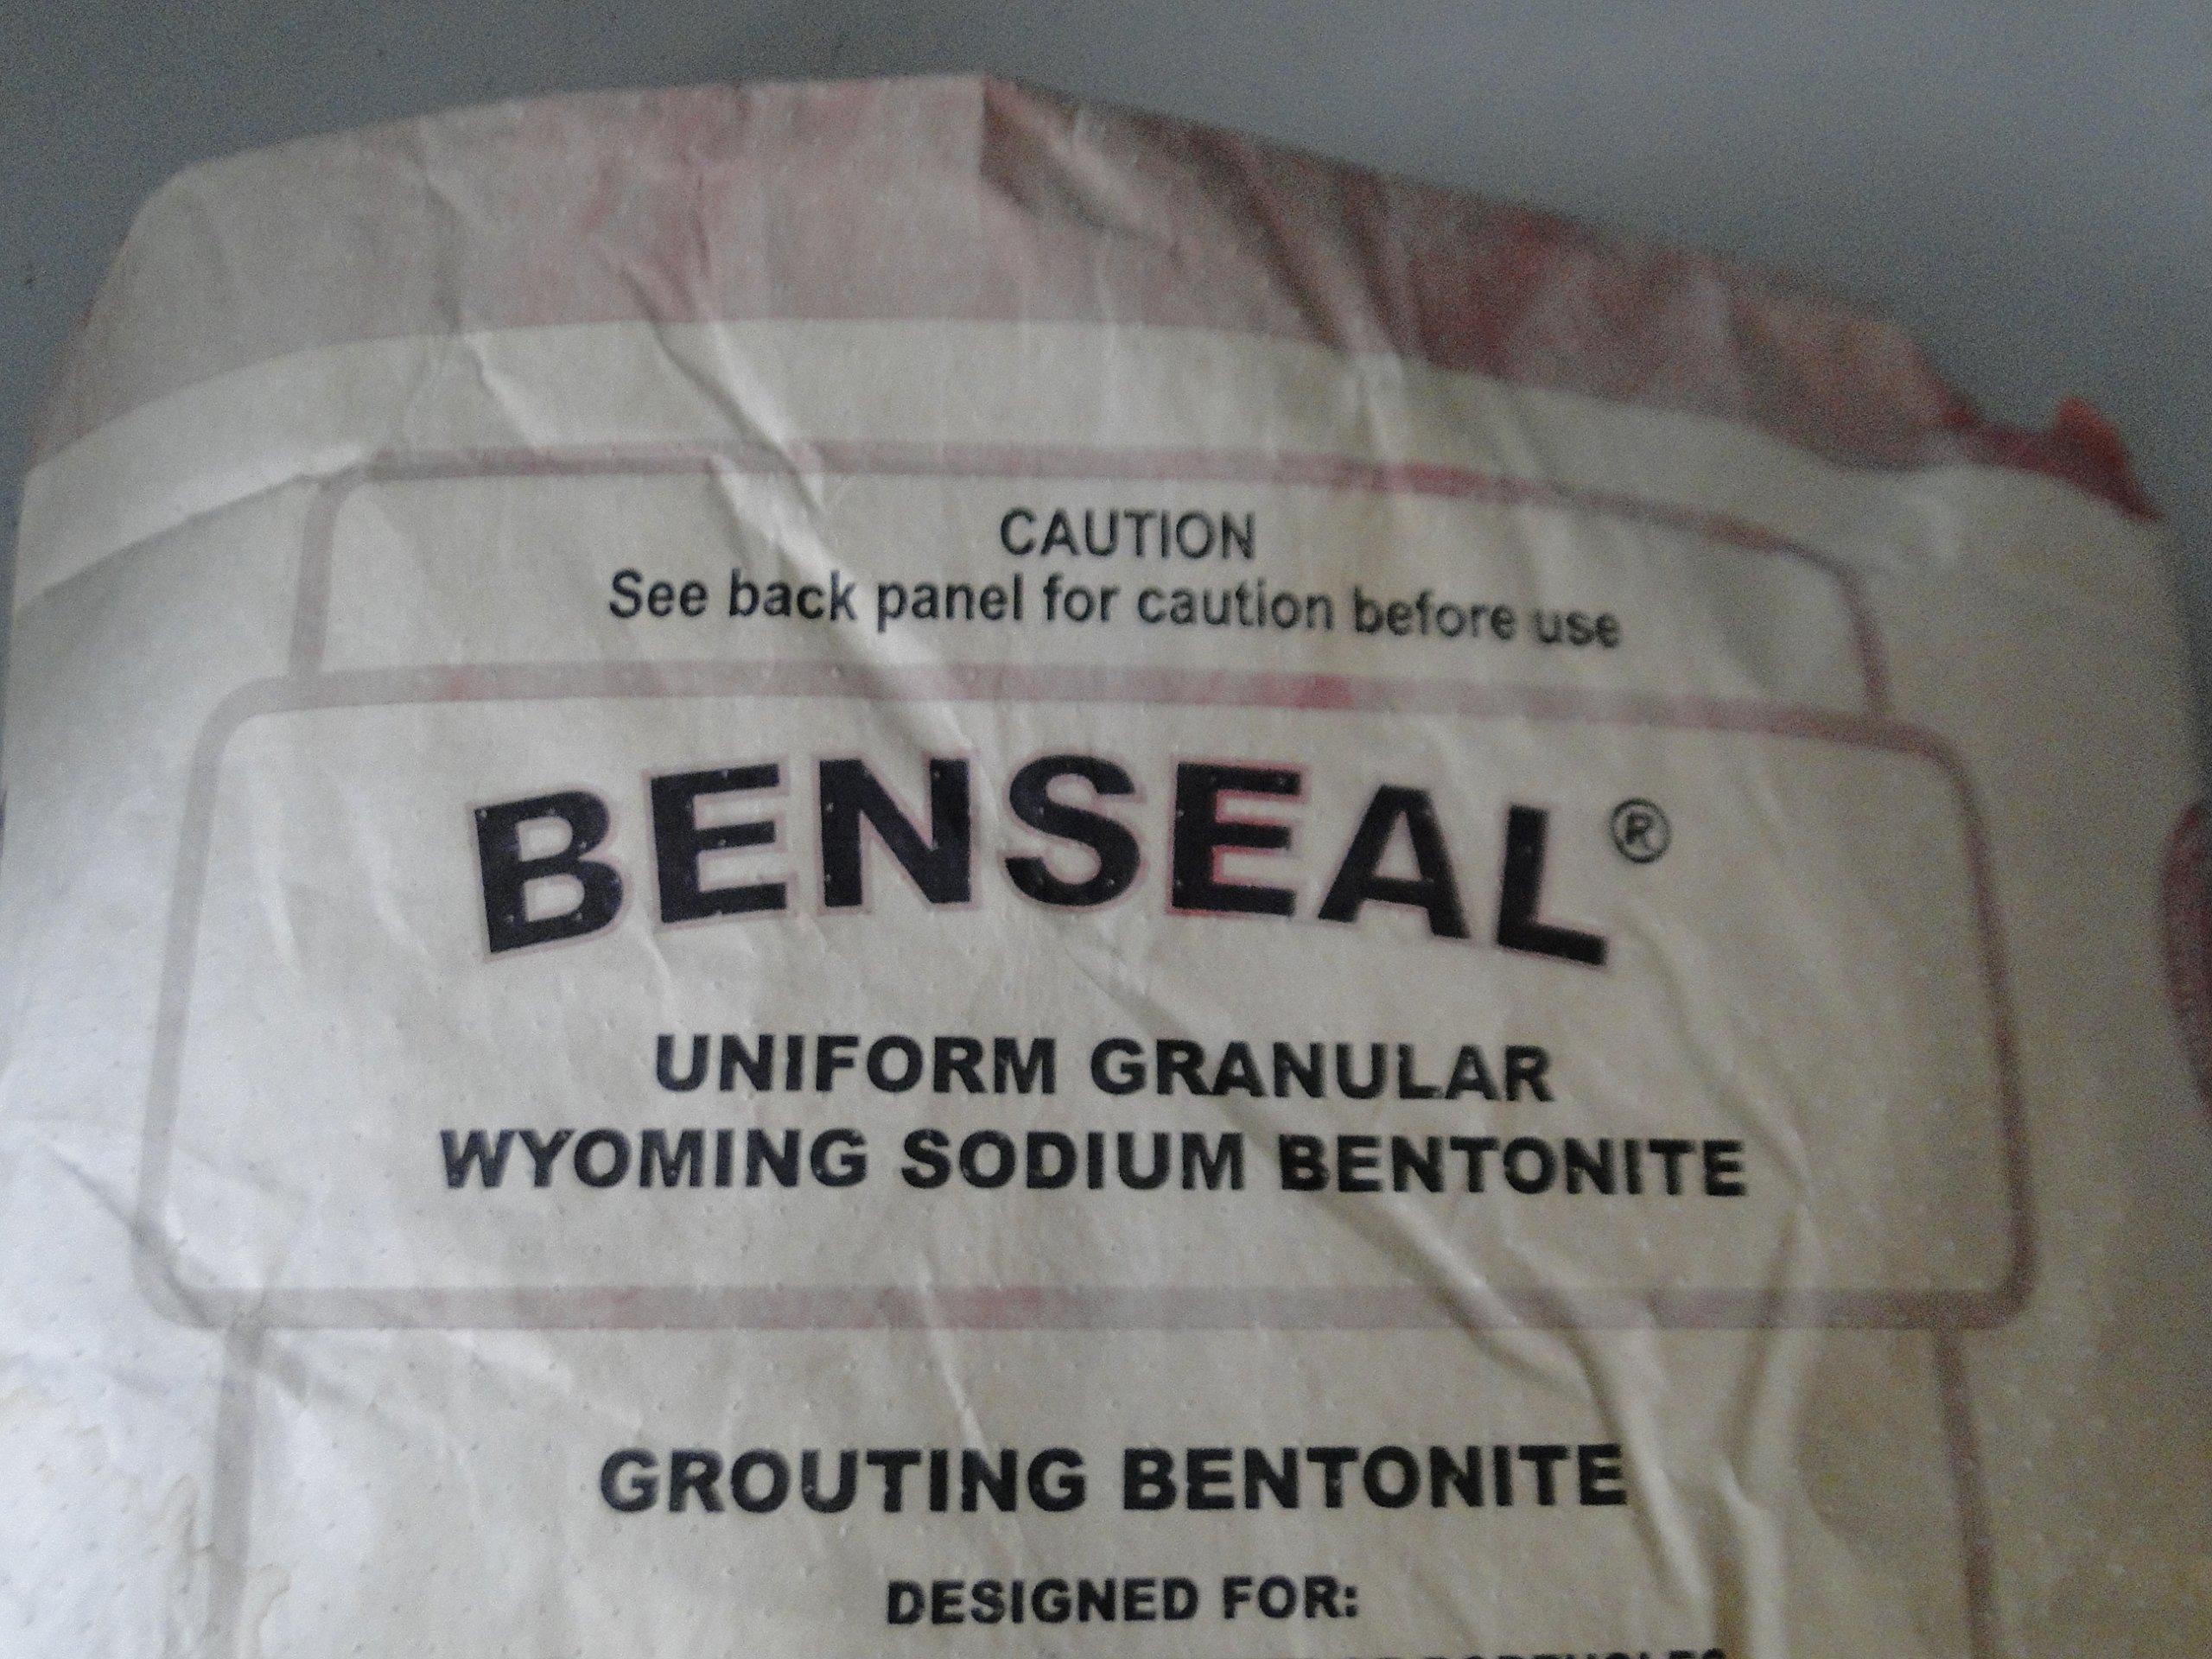 25 Pound Benseal Bentonite Drilling Mud Water Well Pond Foundation Seal Waterproof Baroid Grouting Wyoming Sodium Bentonite